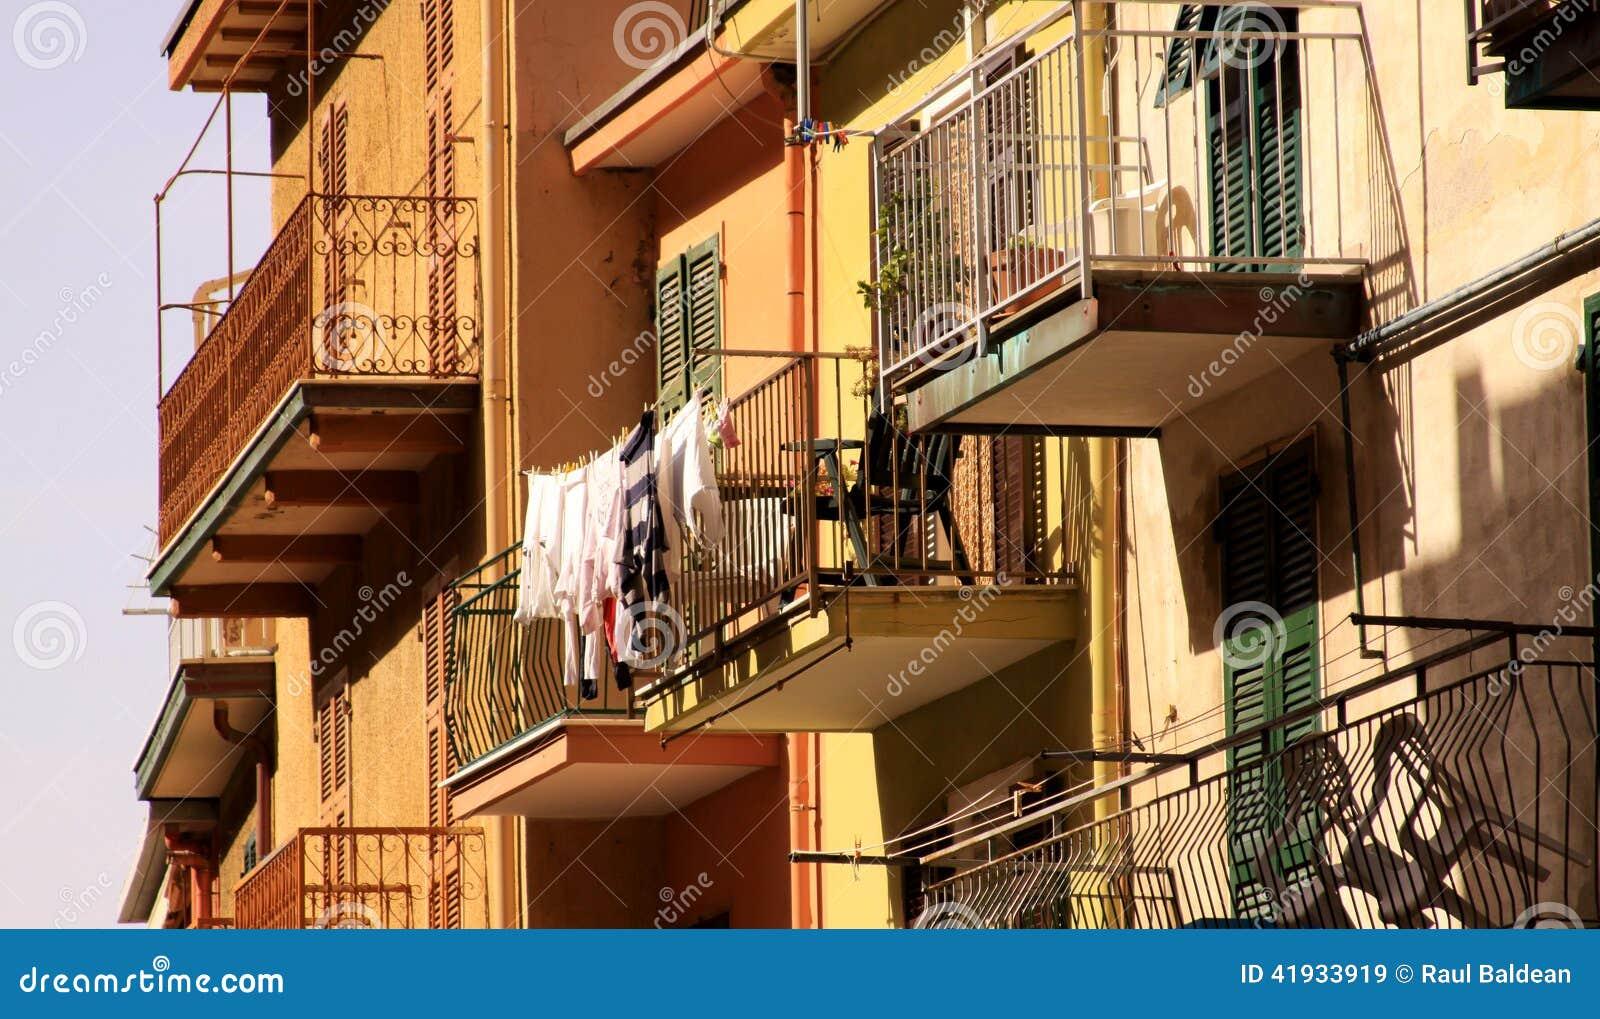 Balconies of buildings in Vernazza, Cinque Terre, Italy